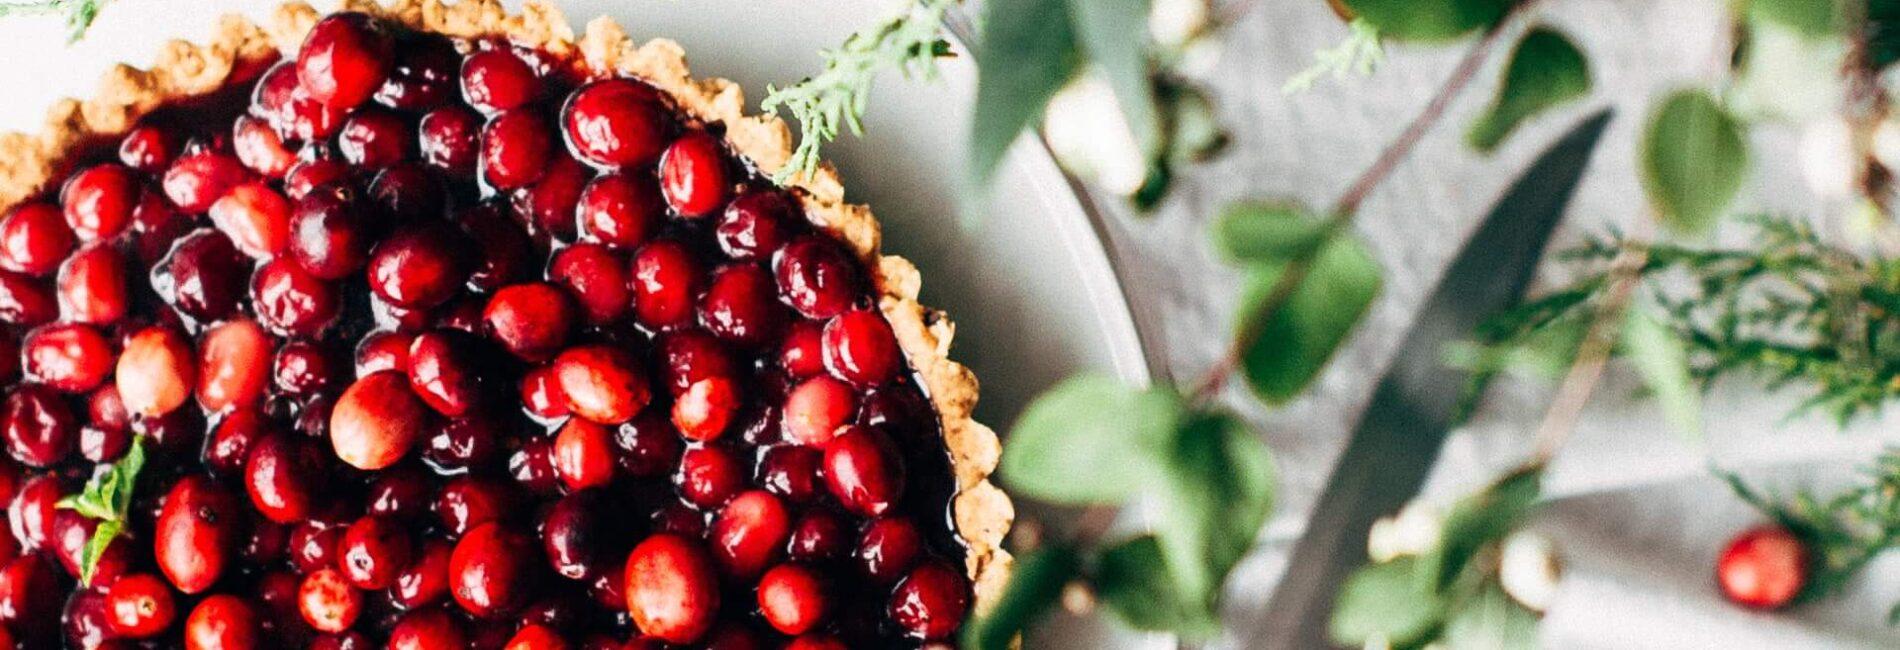 tart cherries, in pill form